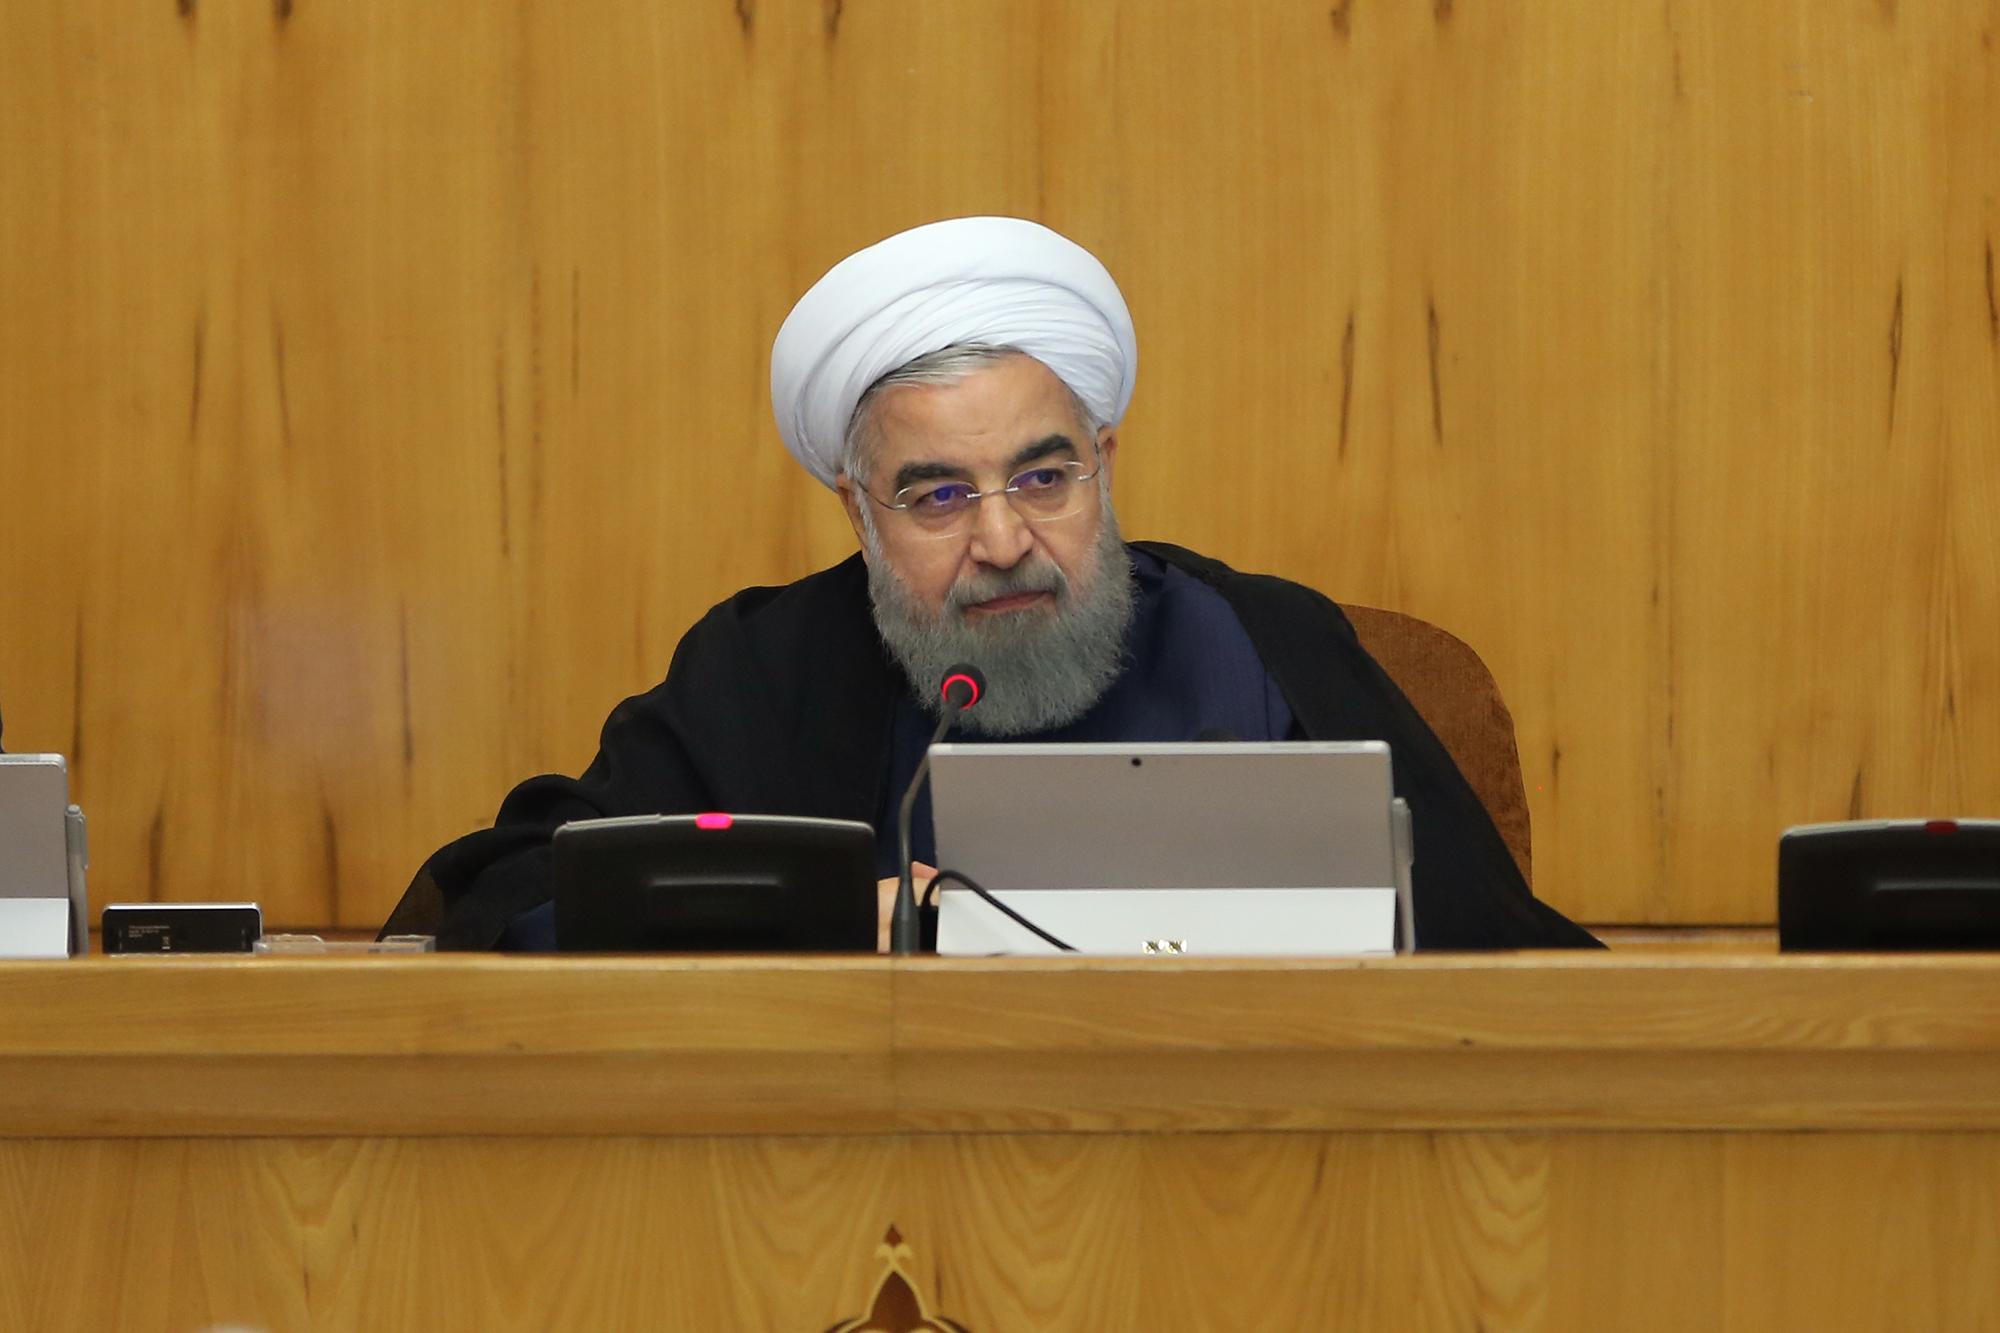 اظهارات دشمنان در رابطه با قدرت موشکی ایران از روی نادانی است/ سوم خرداد روز پیروزی ملت ایران در برابر یک توطئه بزرگ جهانی بود